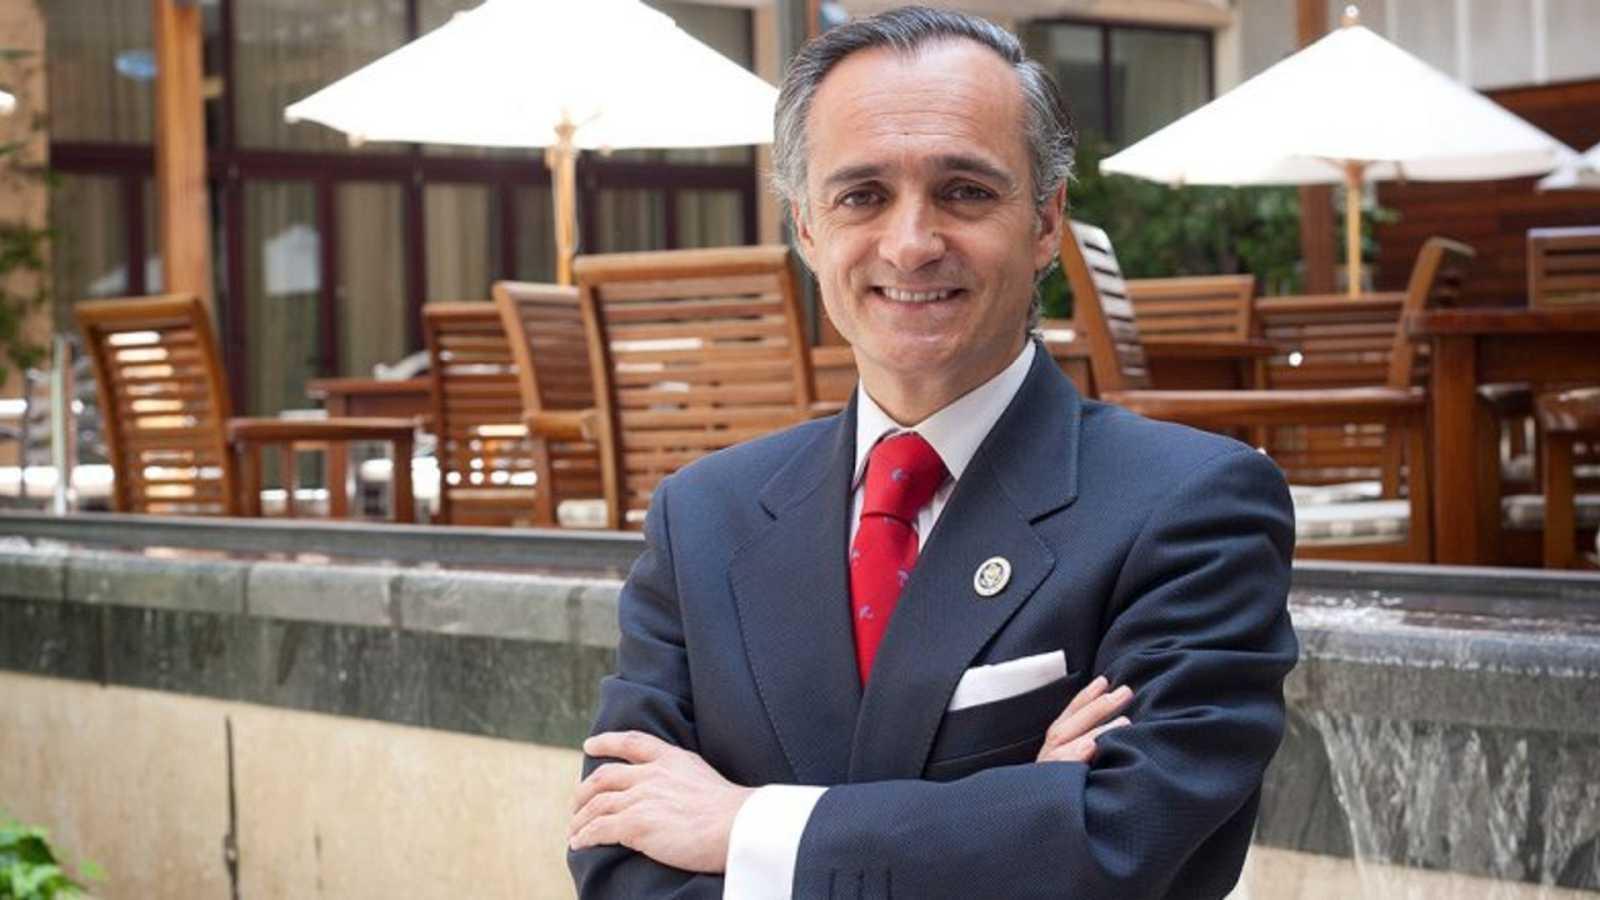 """24 horas fin de semana - Díaz- Cardiel: """"La pandemia y la crisis económica podrían provocar el cambio político en EEUU"""" - Escuchar ahora"""